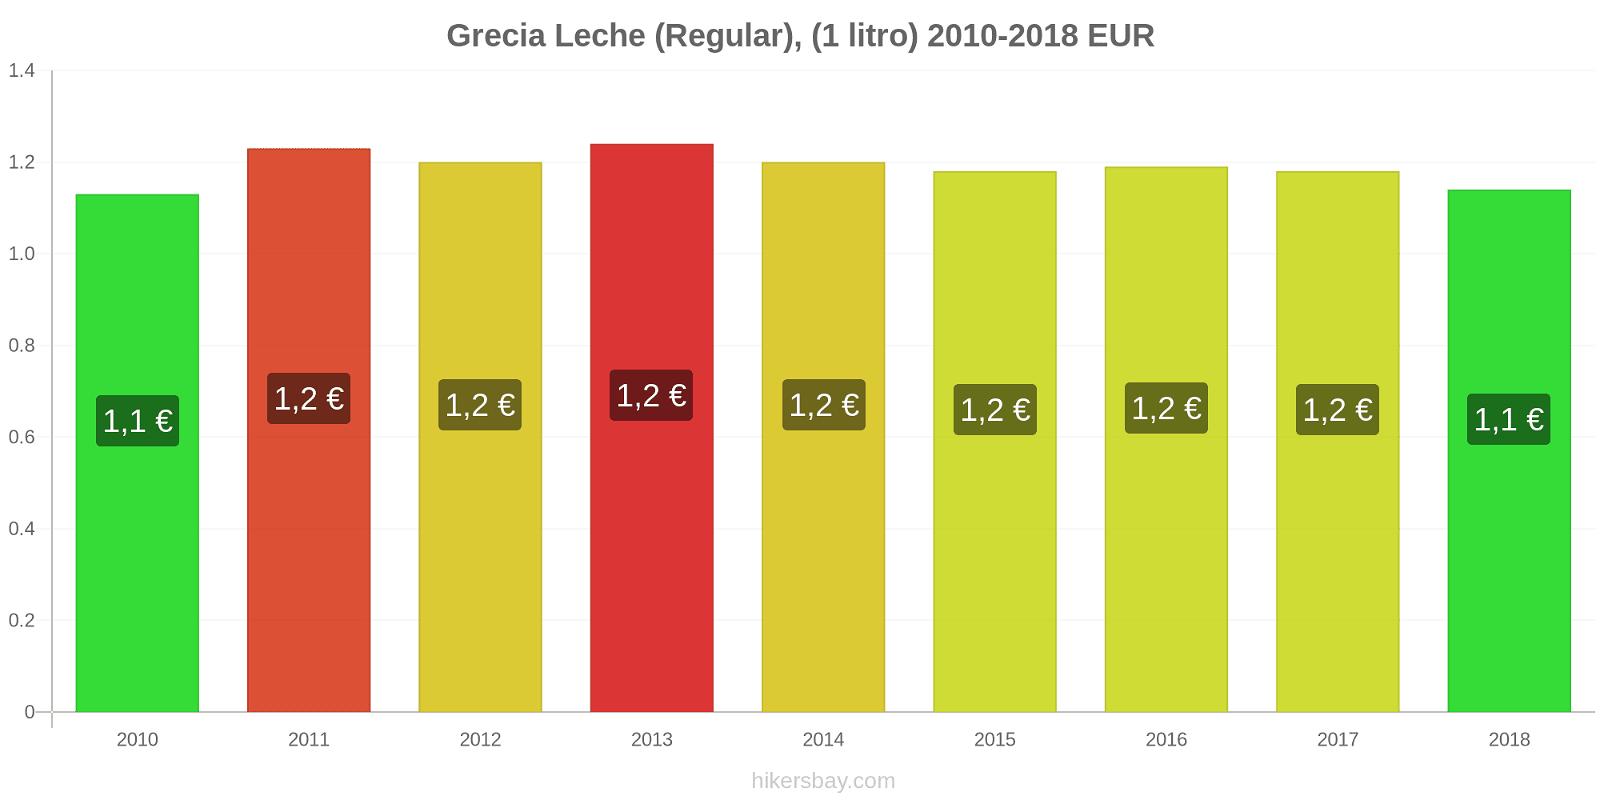 Grecia cambios de precios Leche (Regular), (1 litro) hikersbay.com